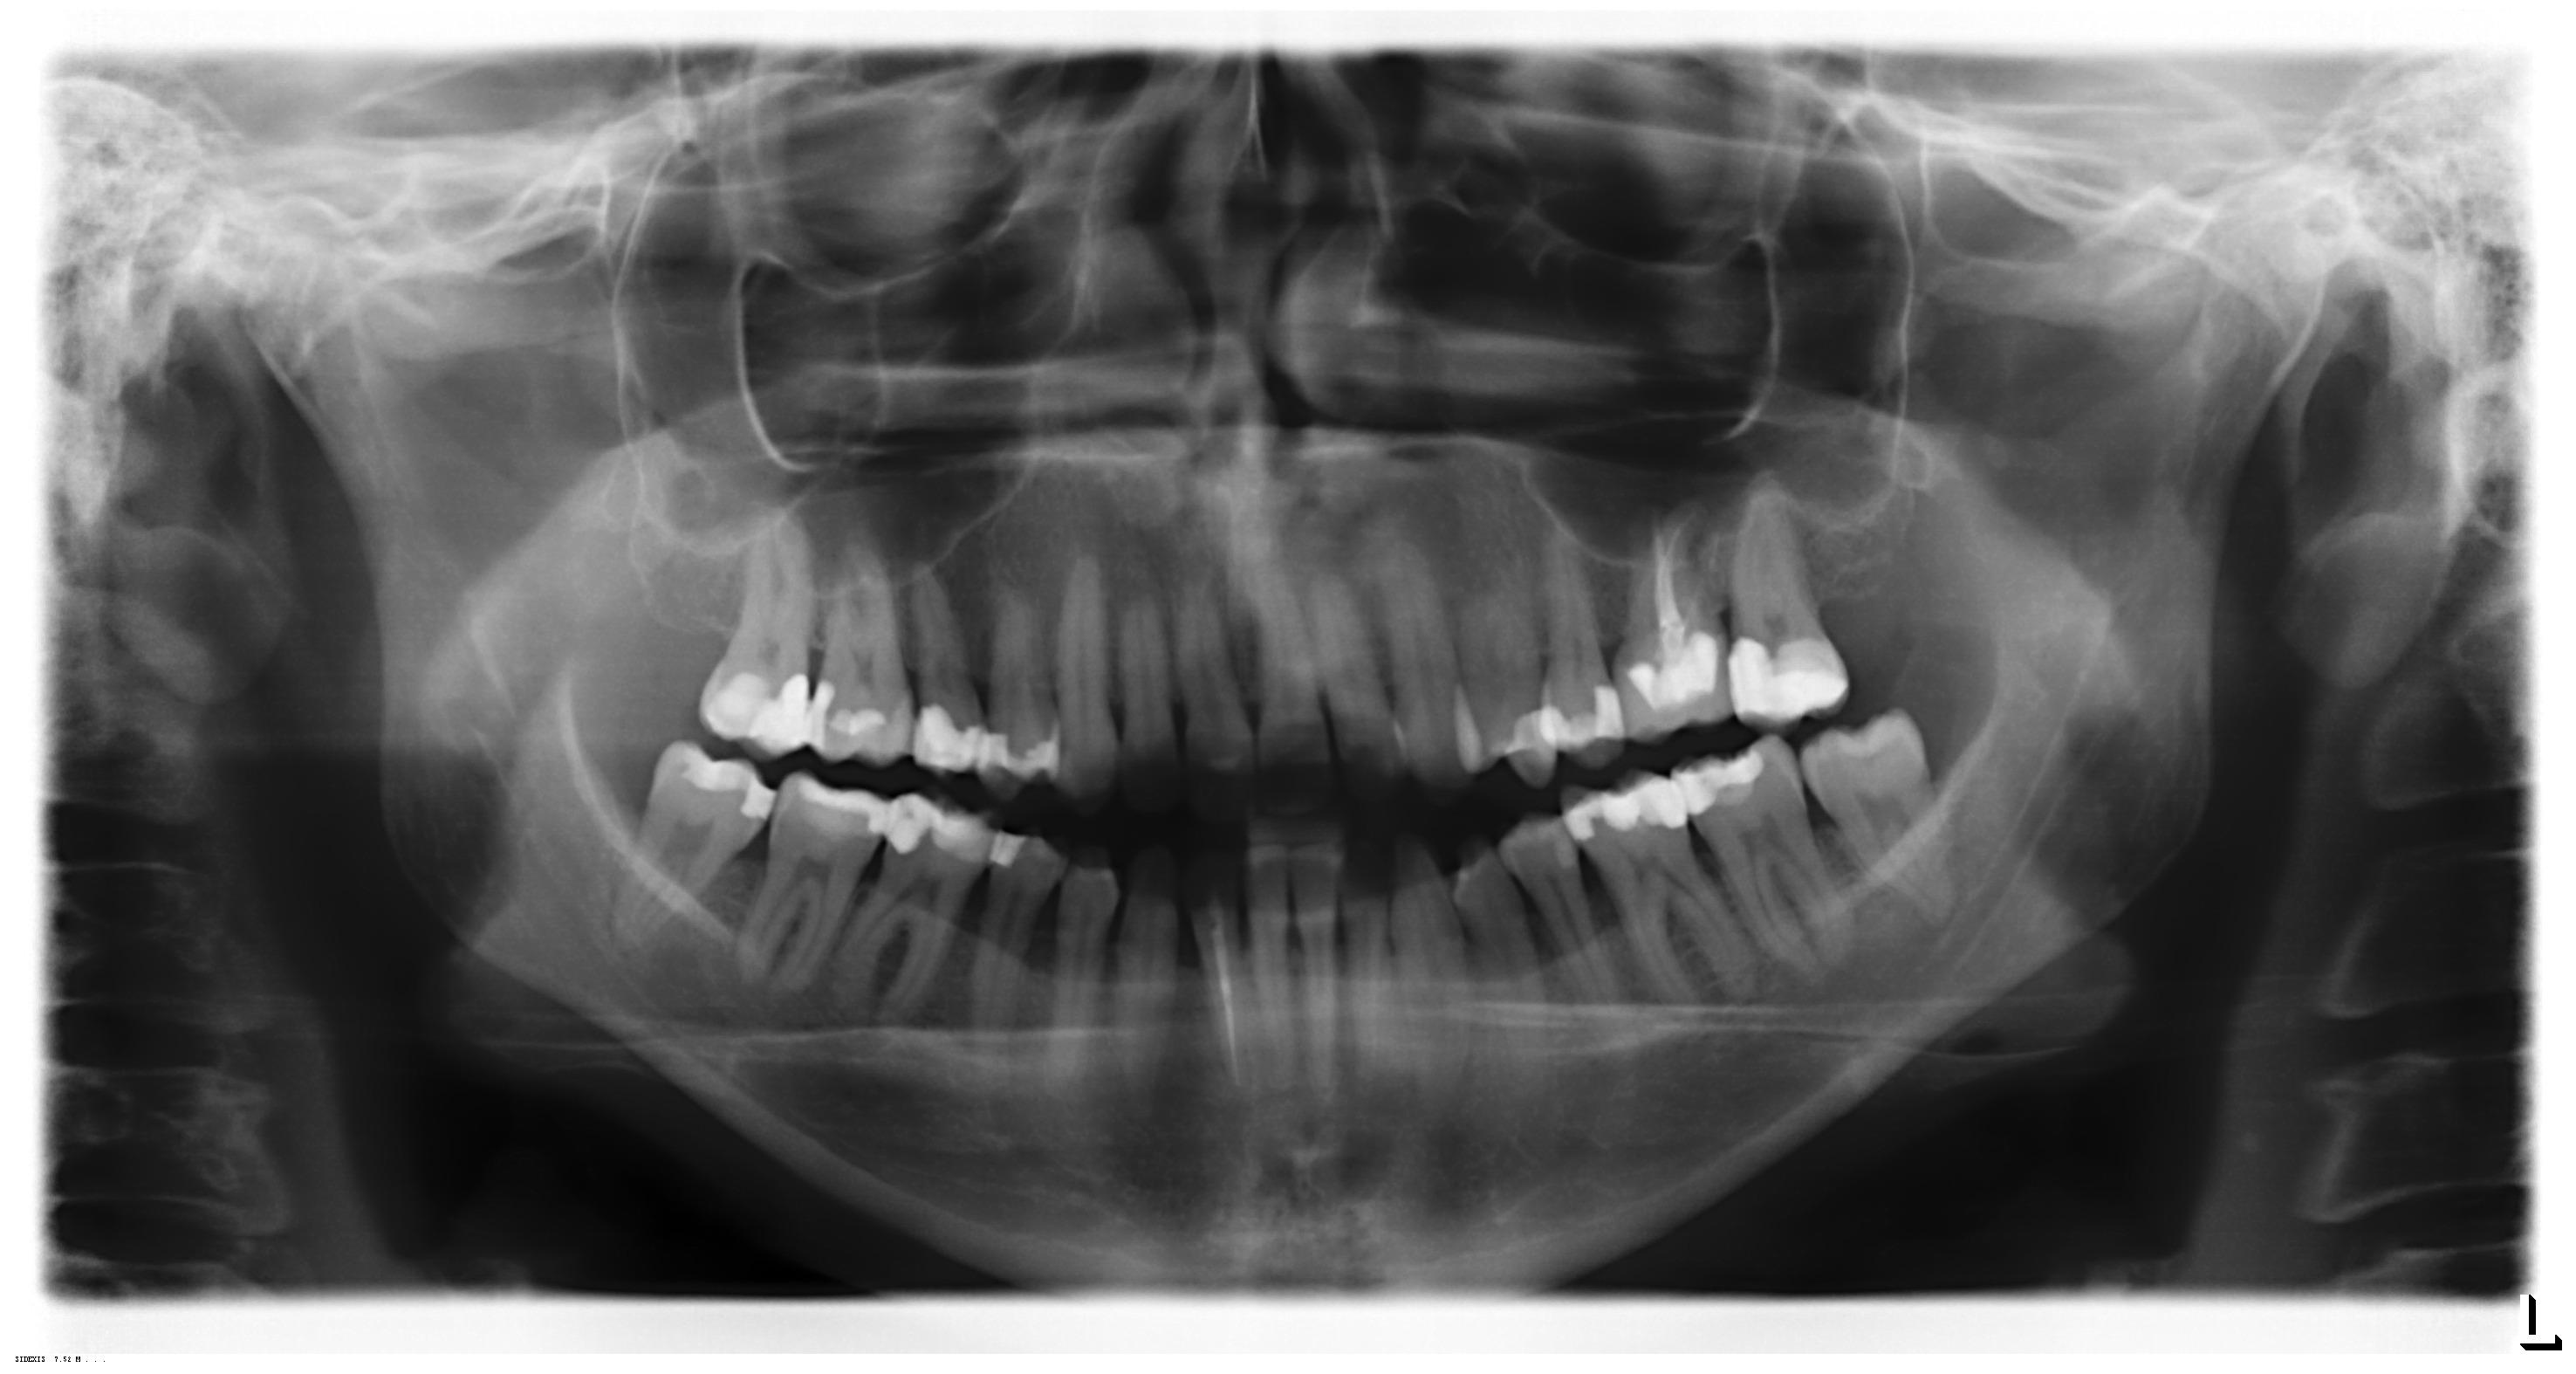 Un mese fa ho subito l'estrazione del dente del giudizio inferiore